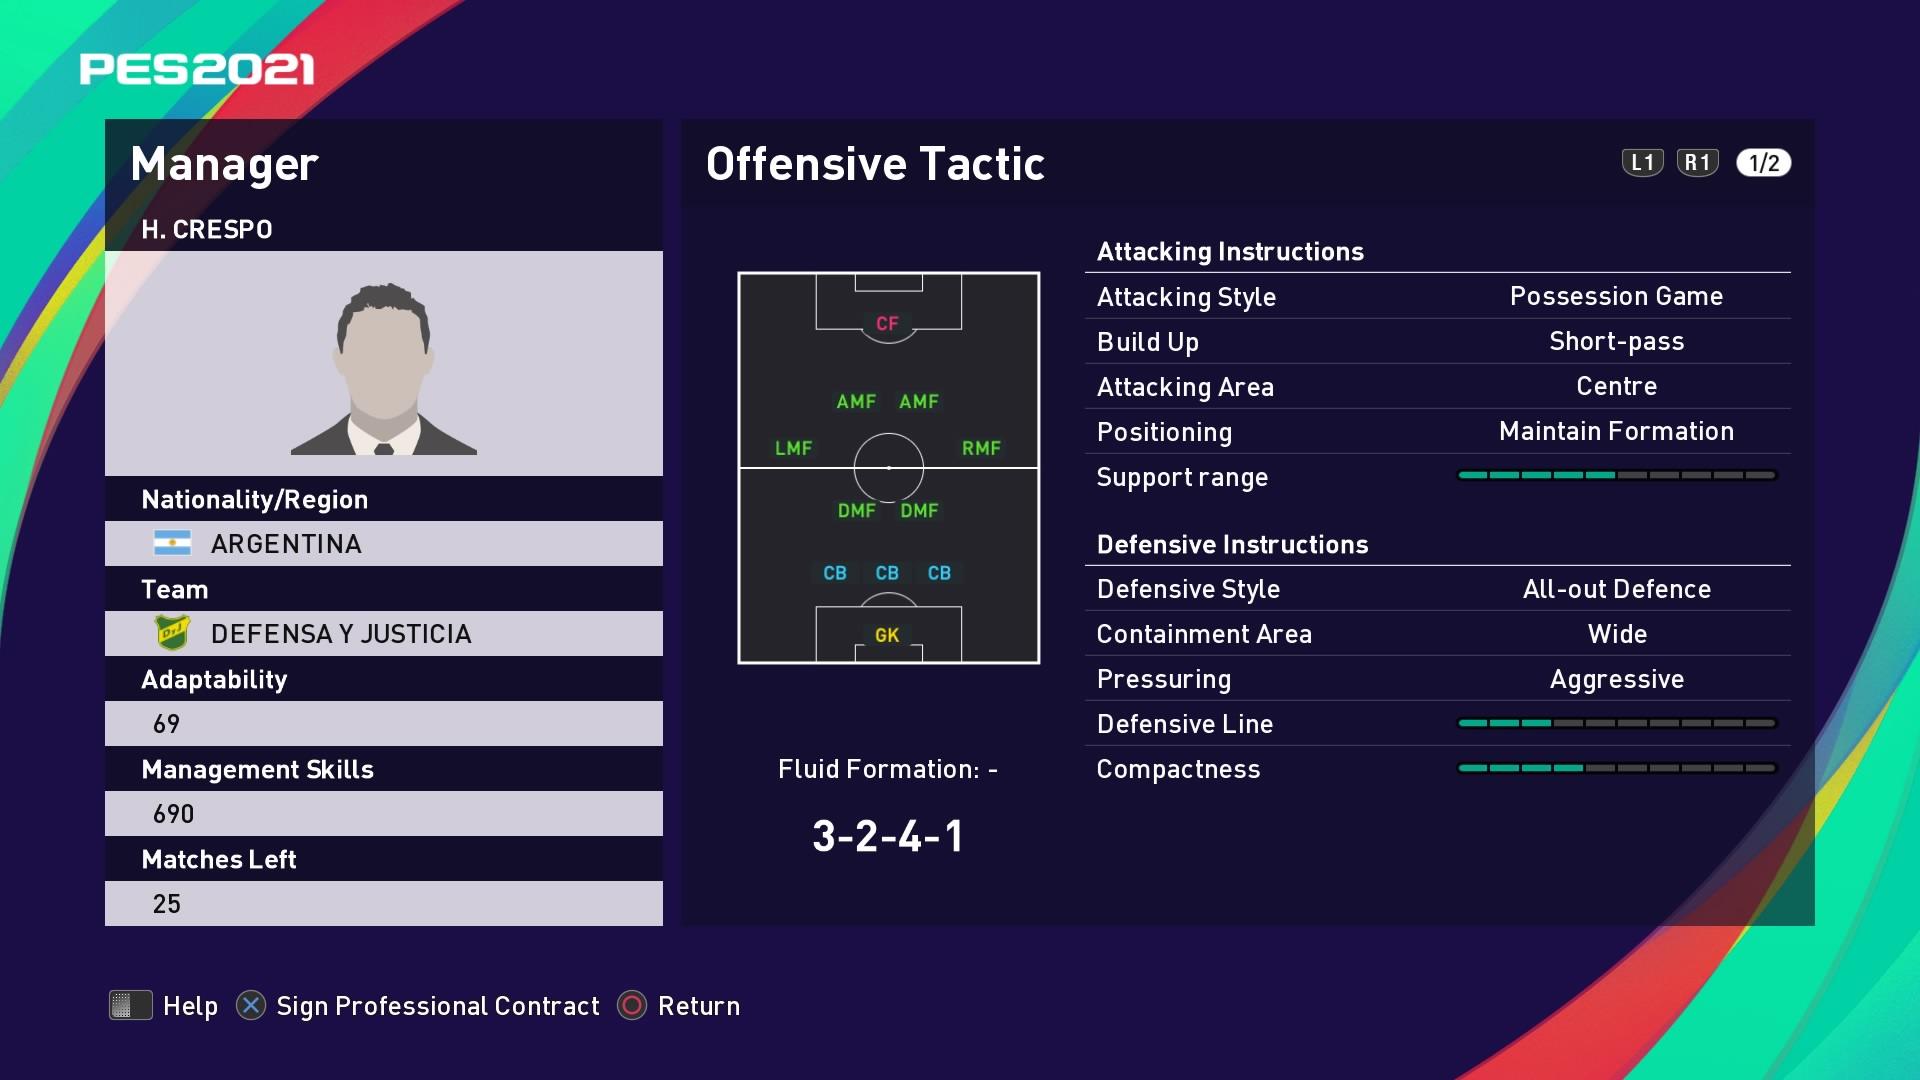 H. Crespo (Hernán Crespo) Offensive Tactic in PES 2021 myClub